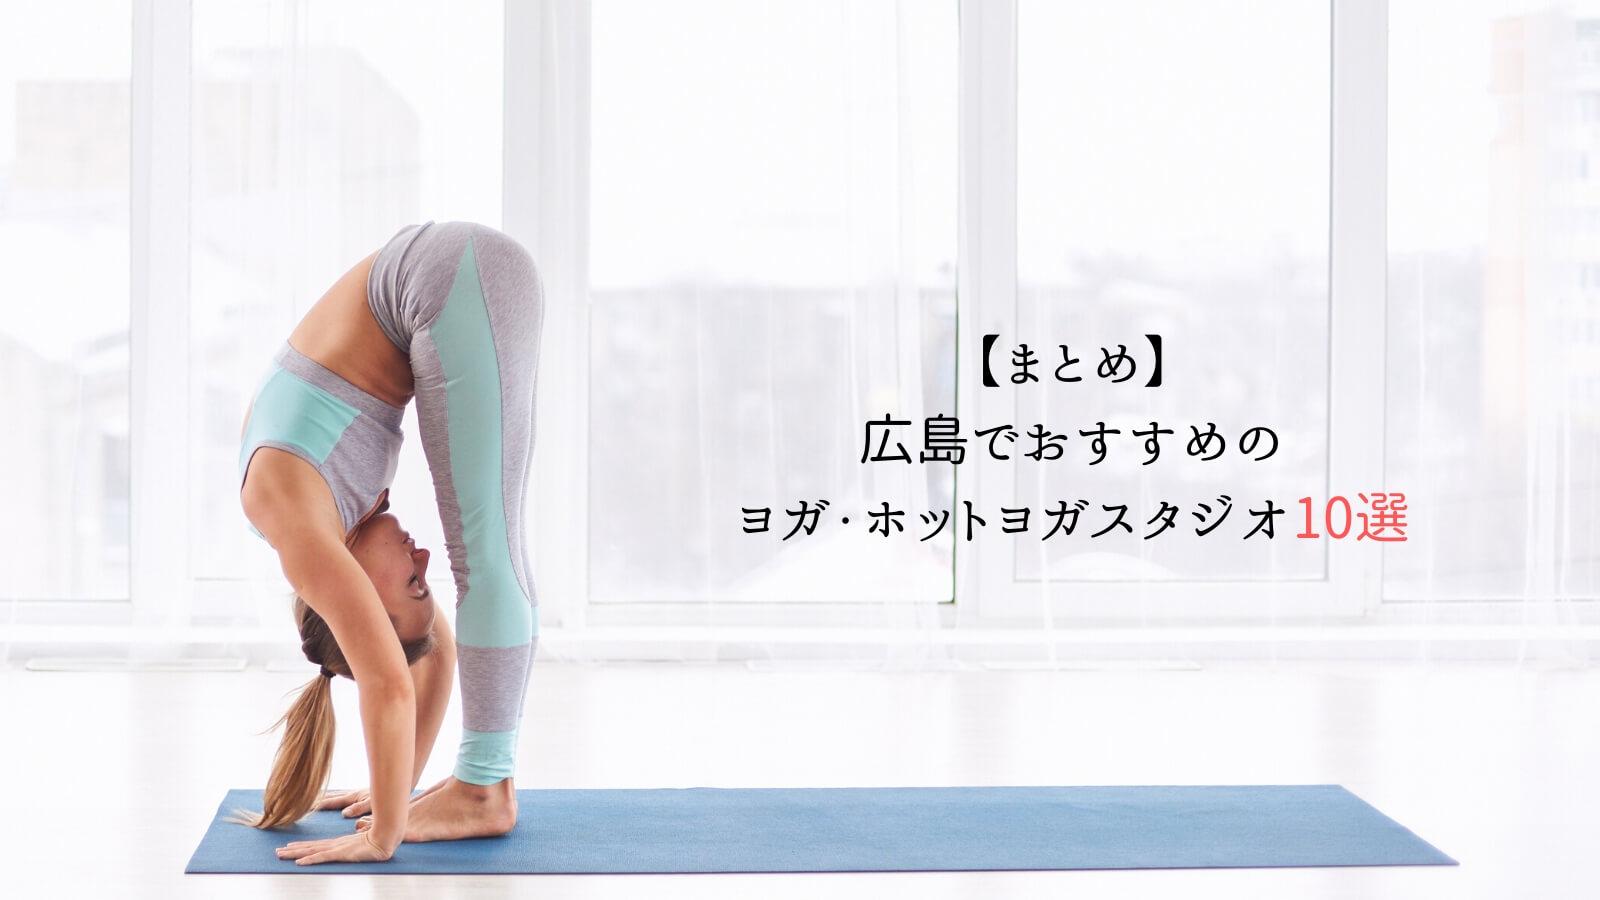 【まとめ】広島でおすすめのヨガ・ホットヨガスタジオ10選